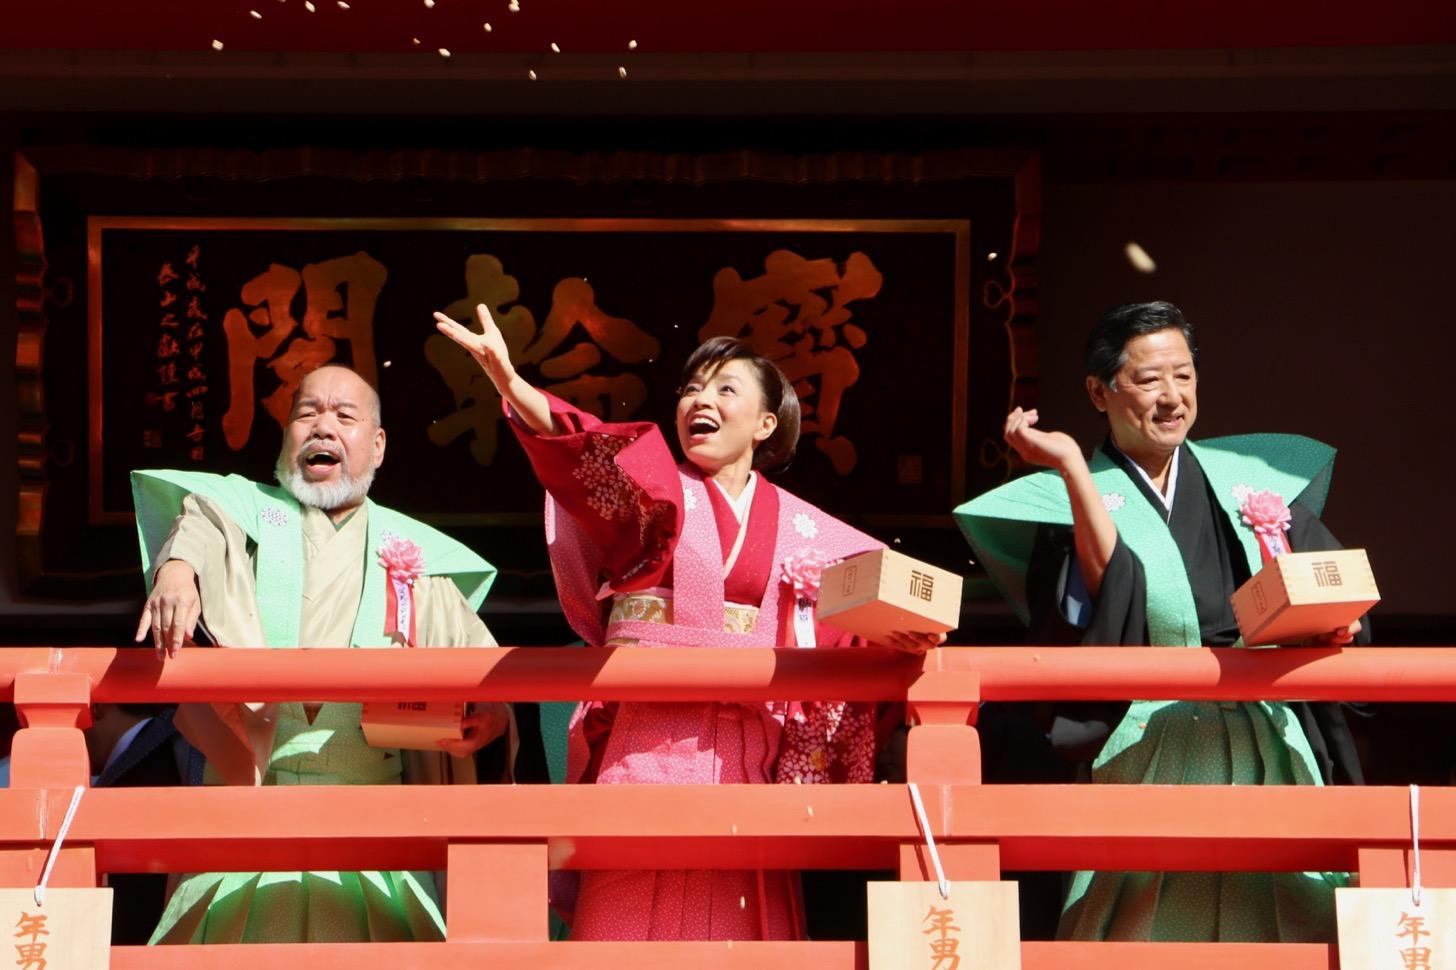 高幡不動尊金剛寺の節分豆まき式に登場した榊原郁恵さん、つのだ☆ひろさん、寺泉憲さん